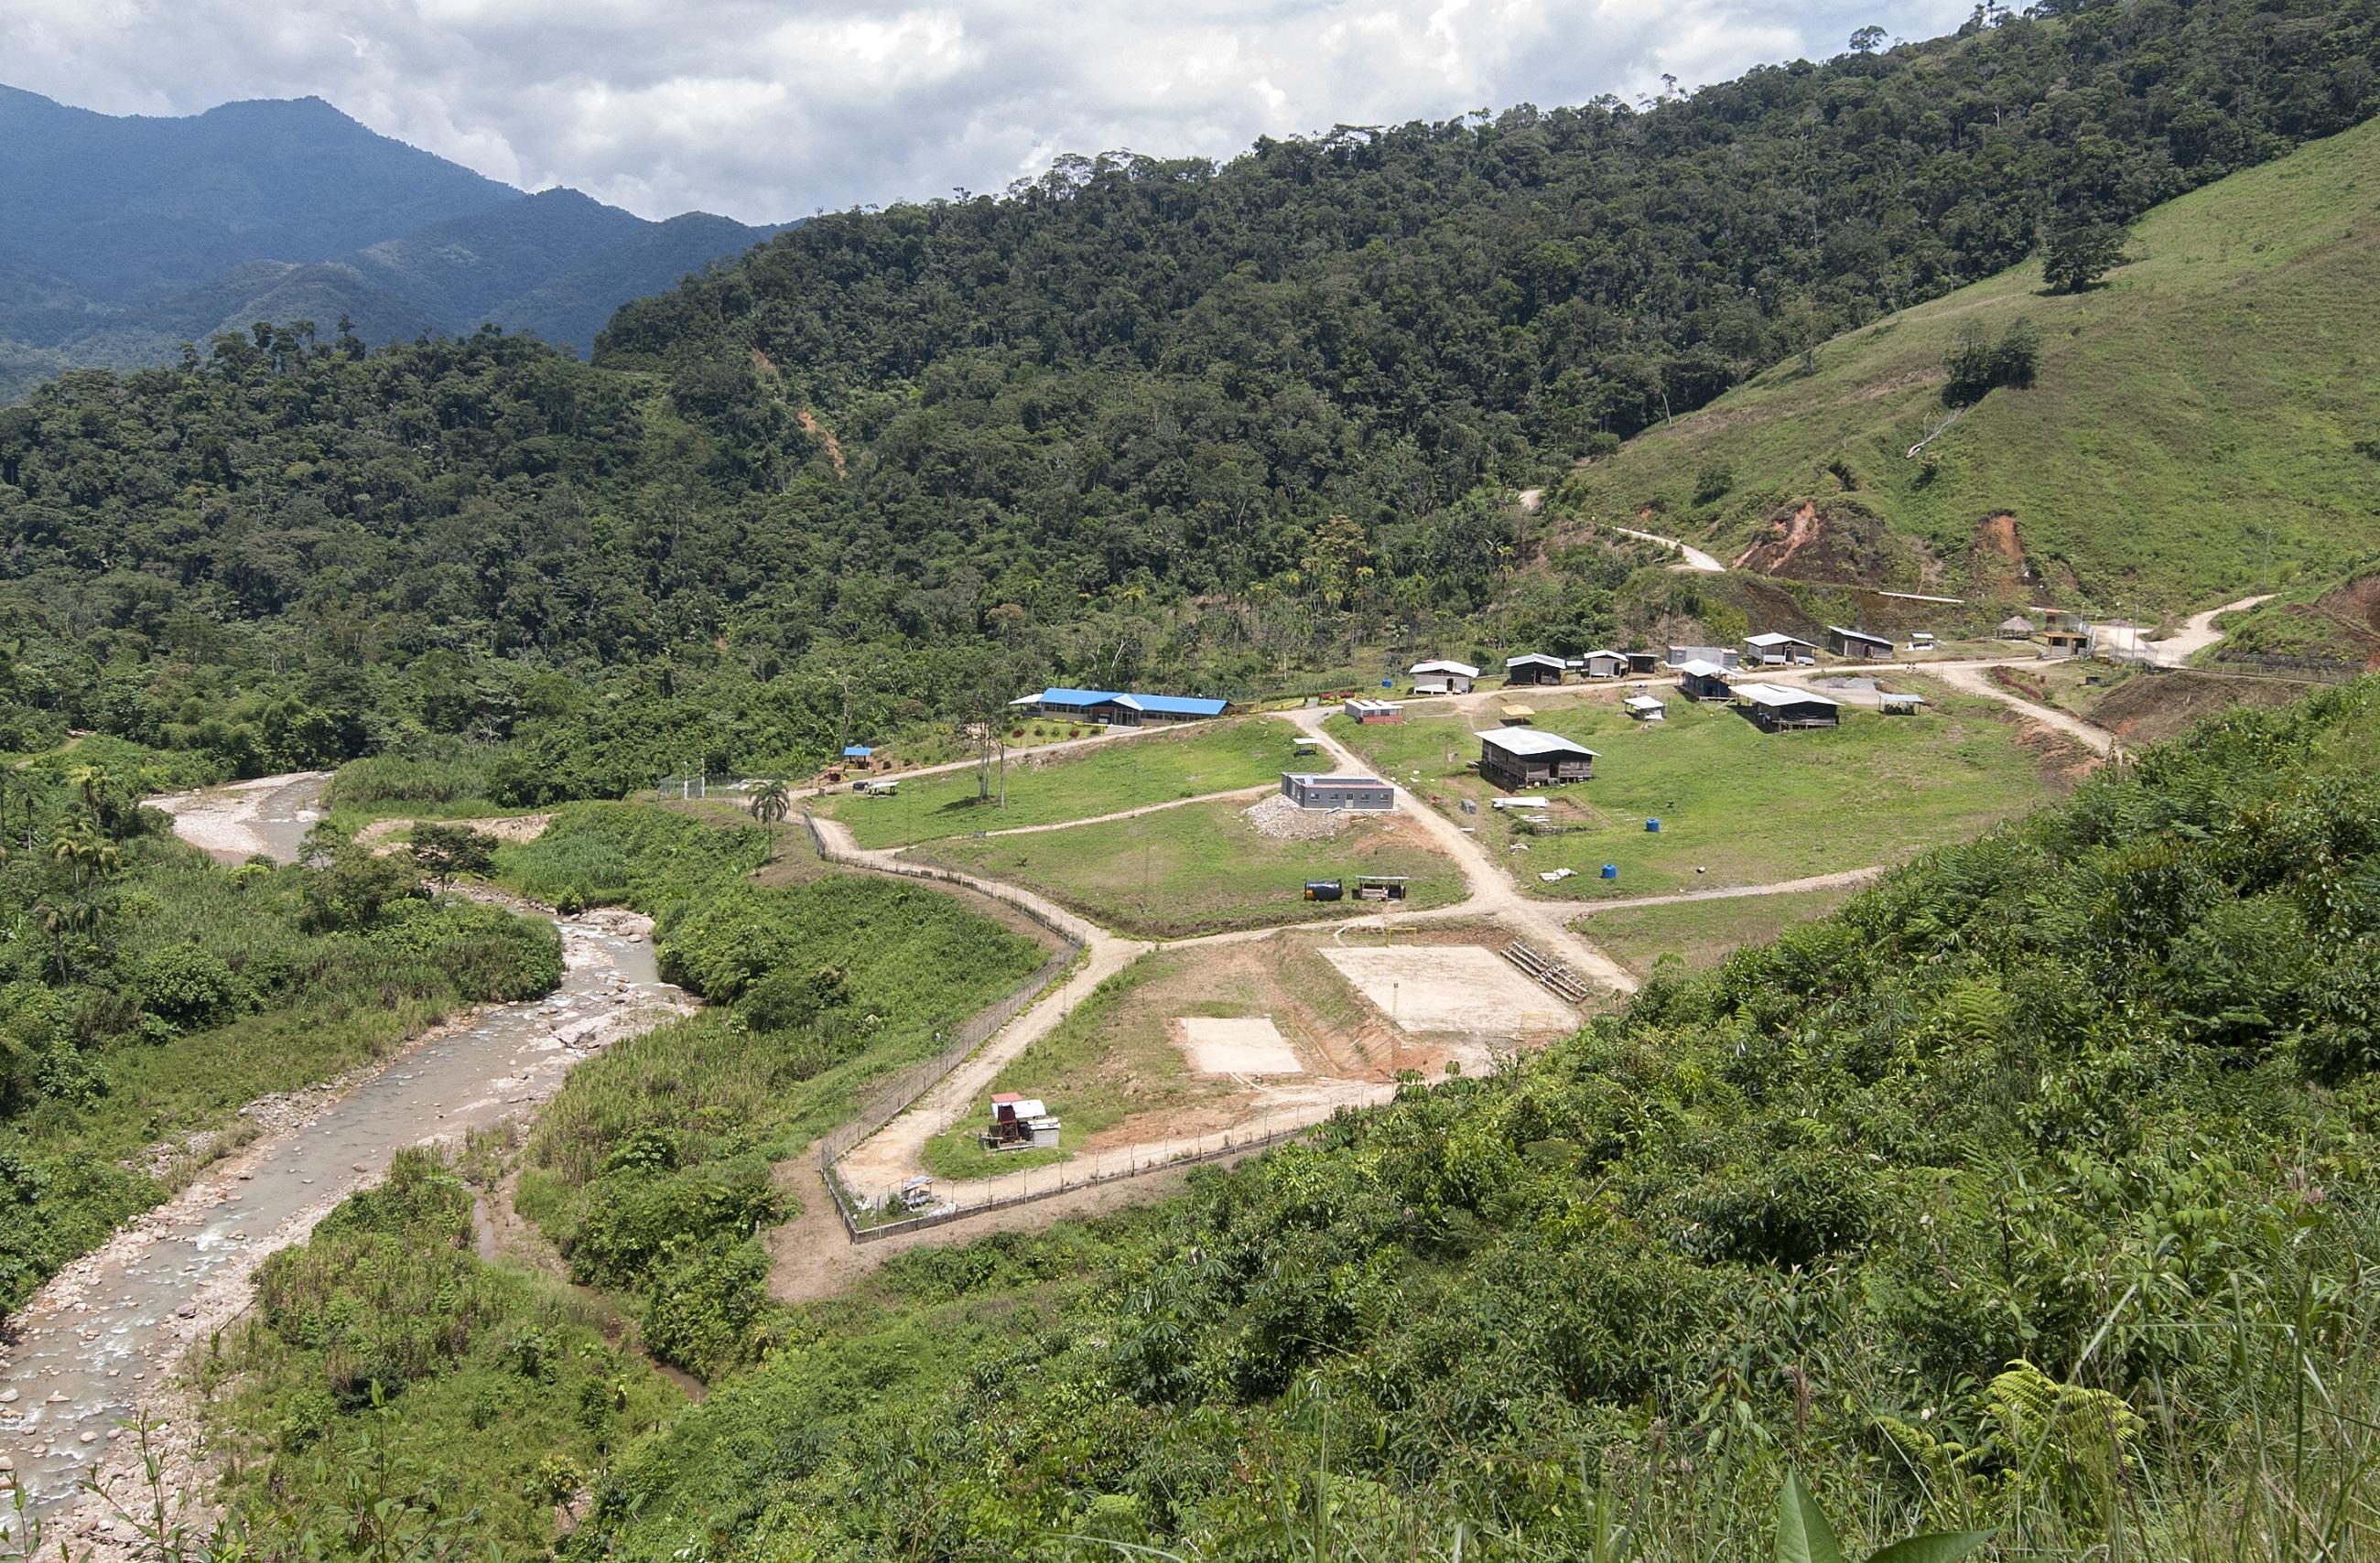 Campamento del proyecto San Carlos Panantza. Foto: Segundo Espín / Revista Vistazo.